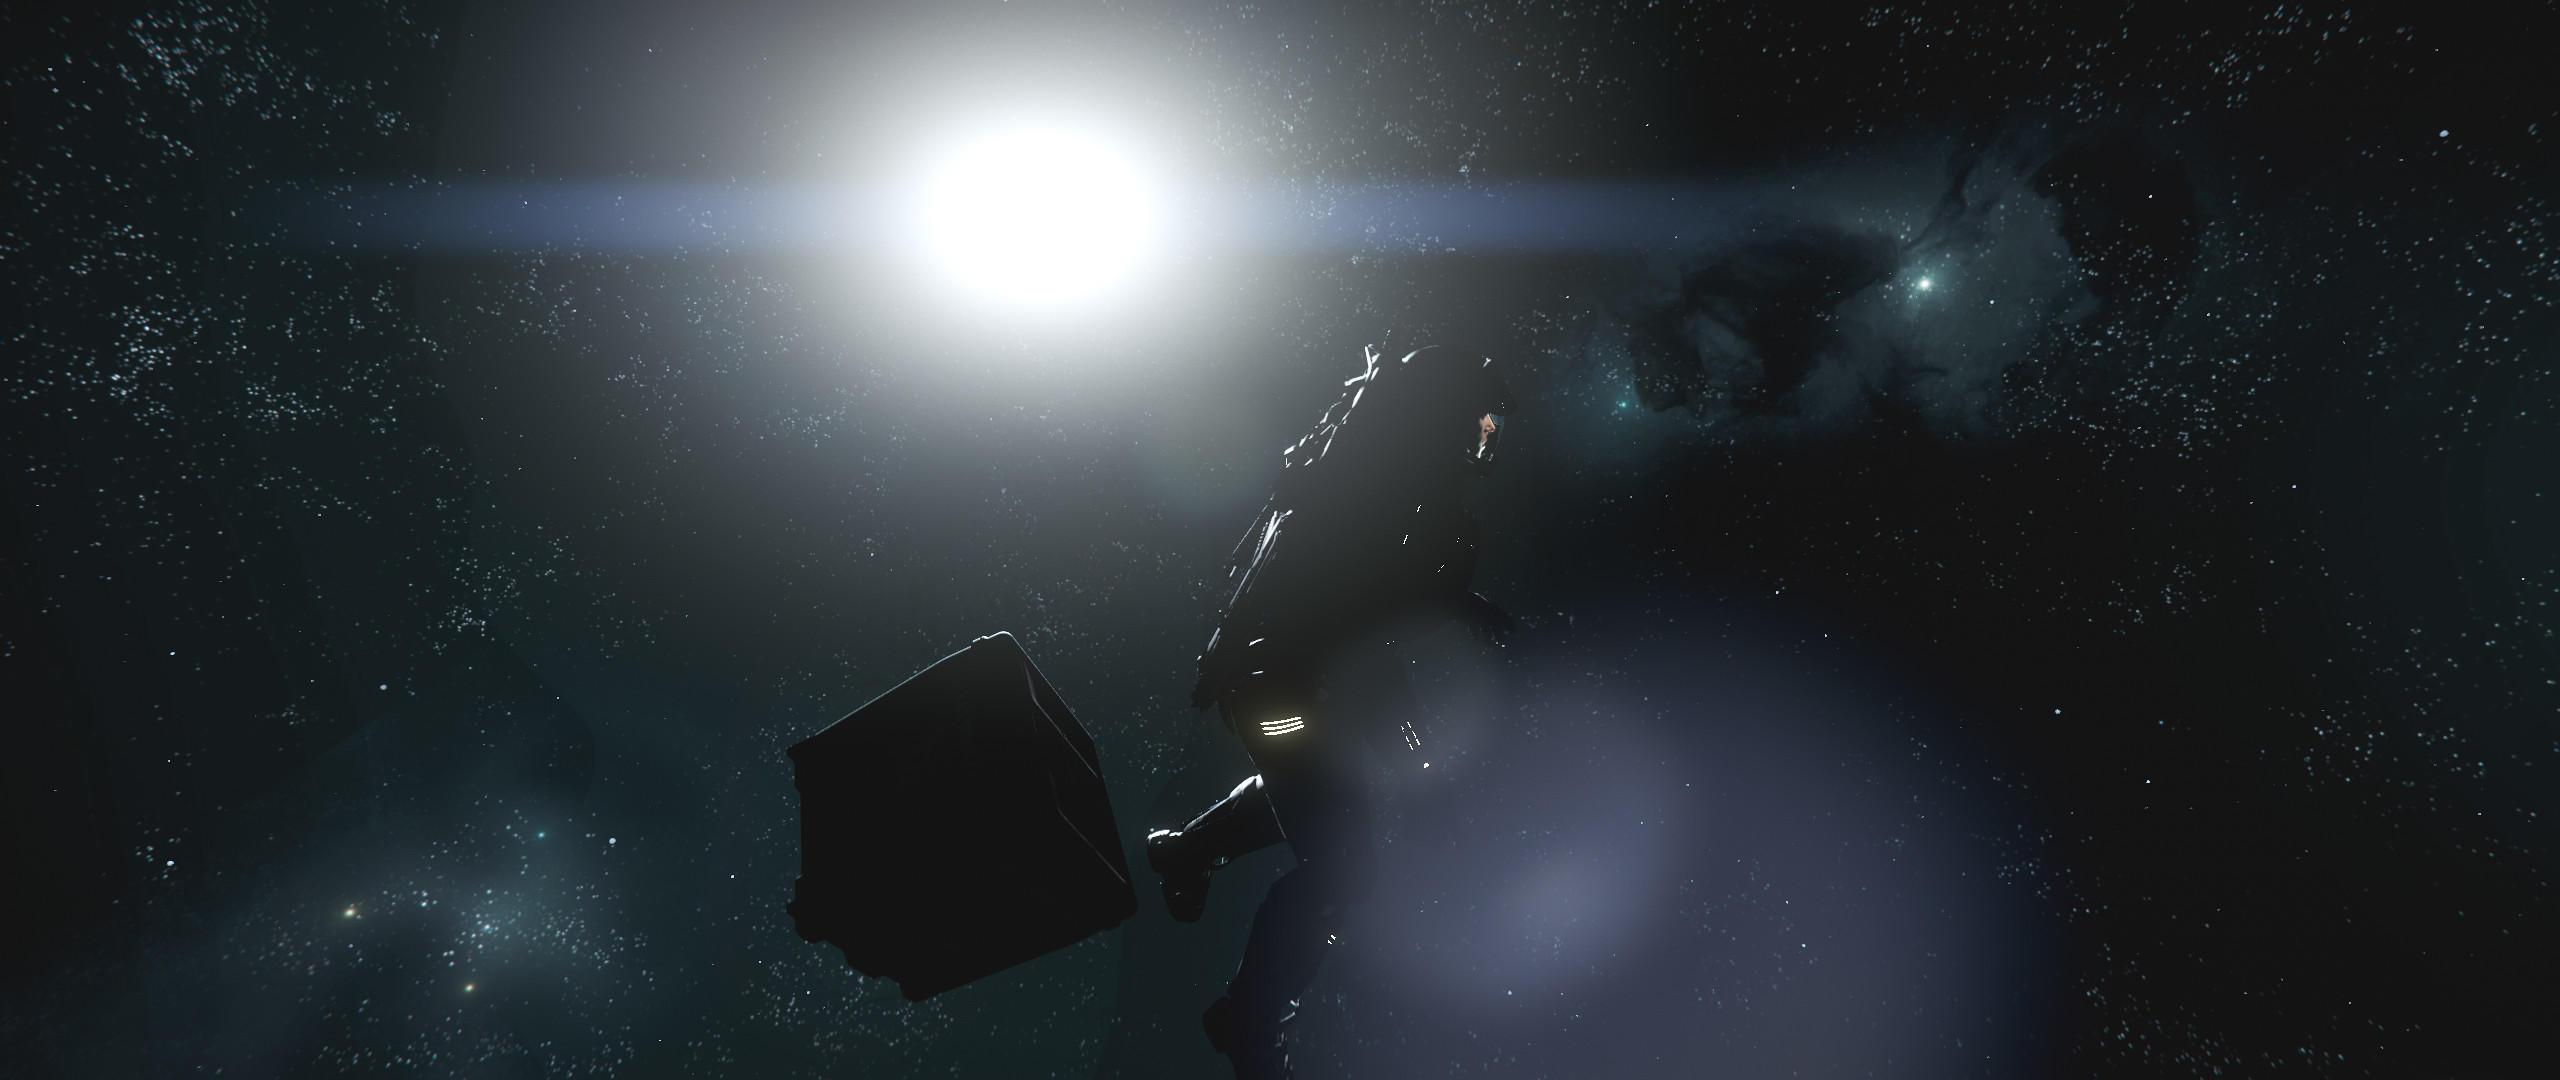 Deep space package